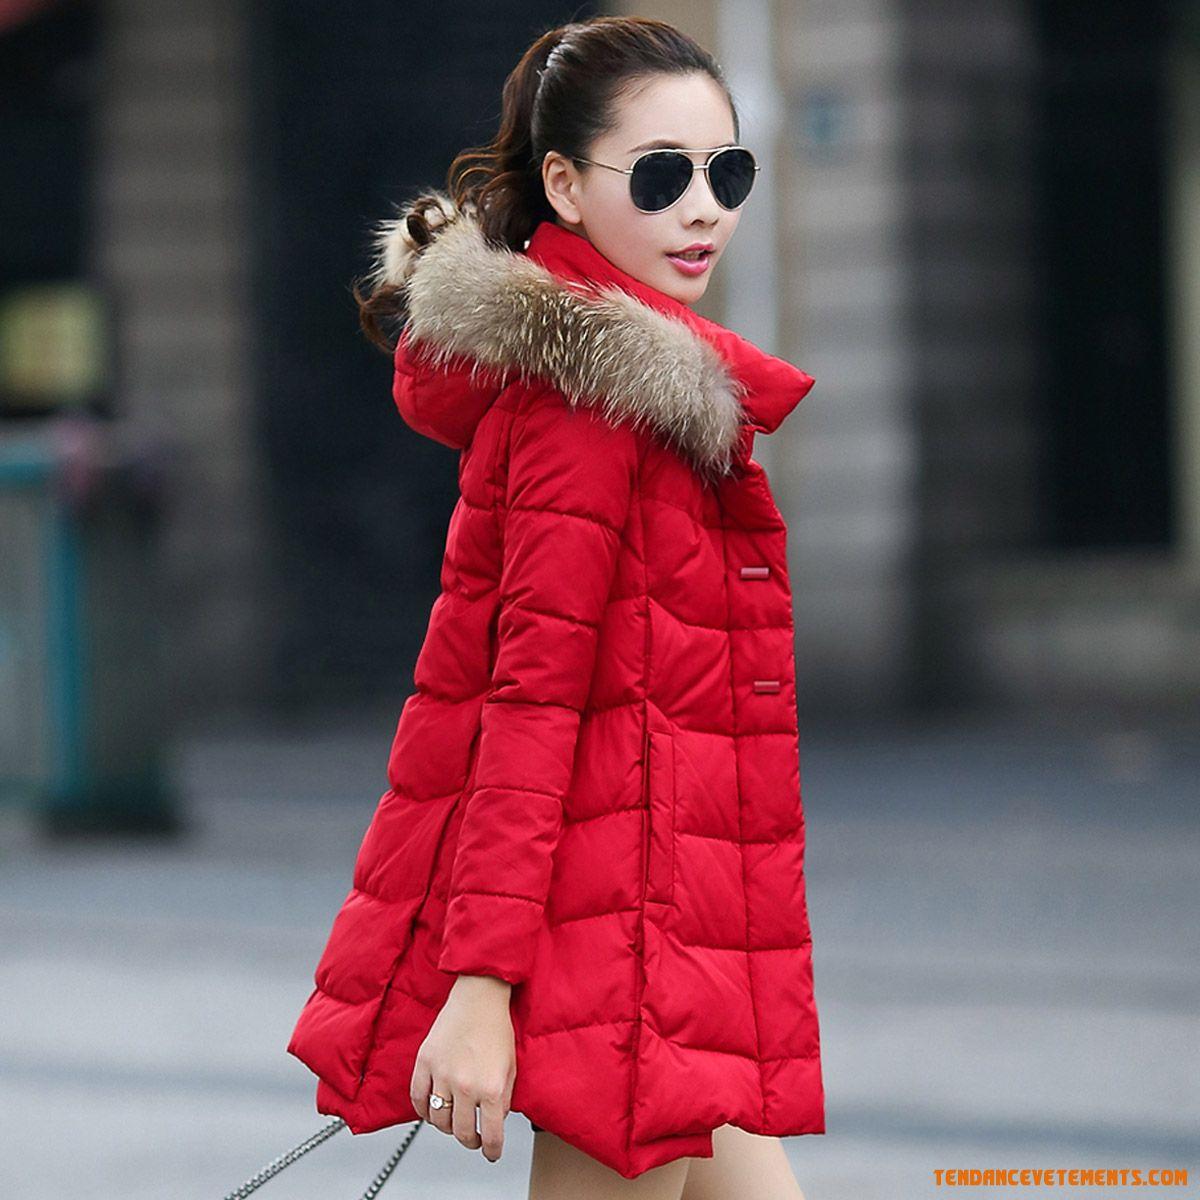 01d0a3393359c Je veux trouver une doudoune de marque femme qui tient chaud pas cher ICI  Doudoune bordeaux femme pas cher